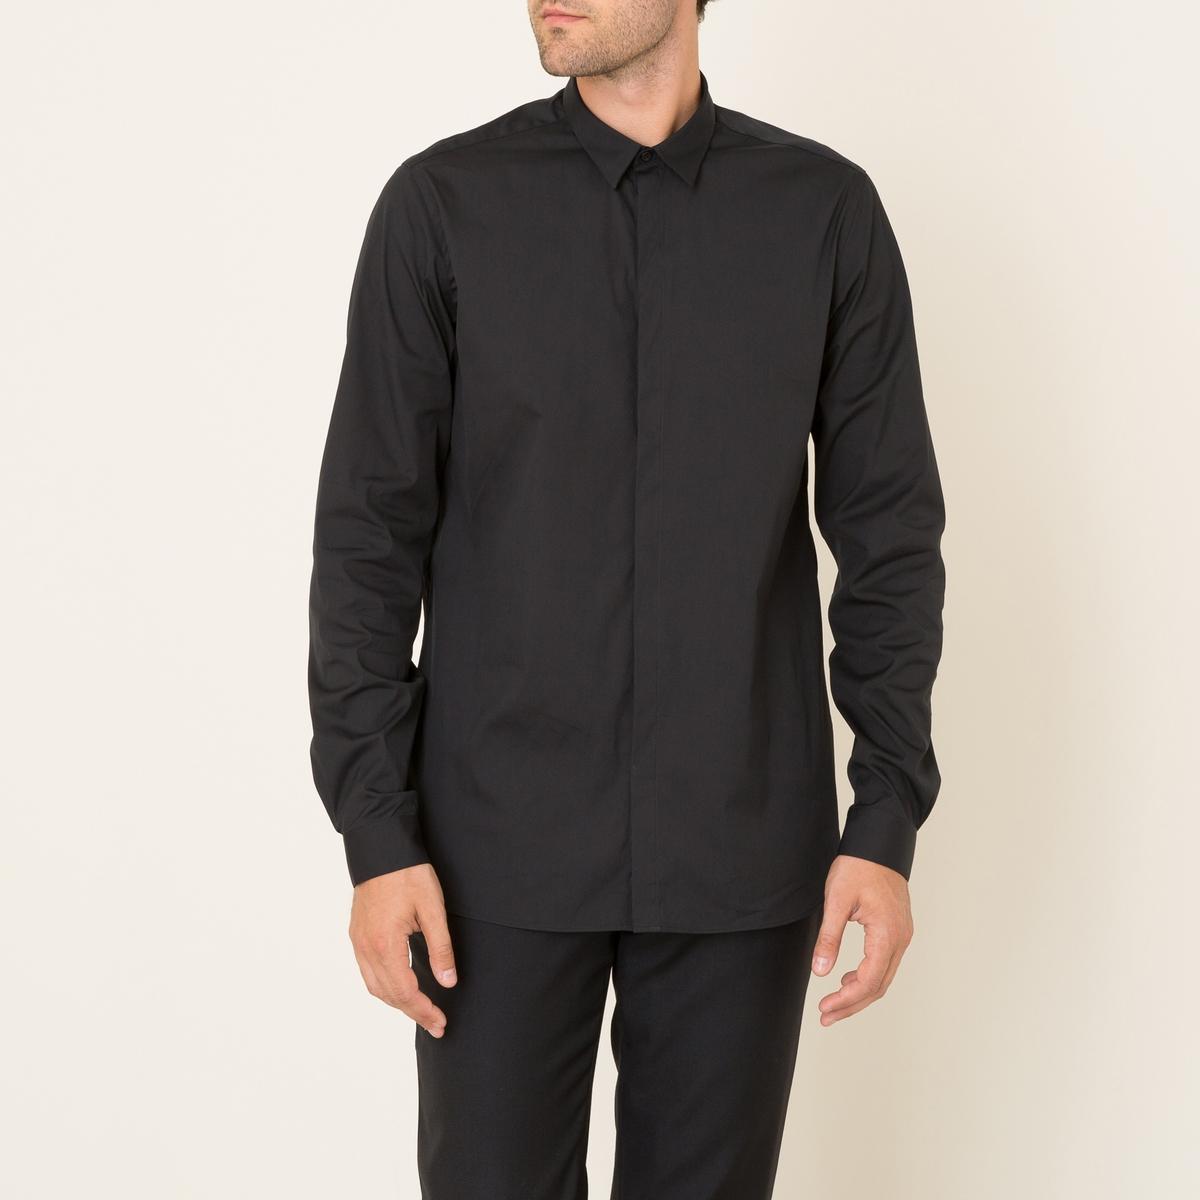 Рубашка классическая с кожаным воротникомСостав и описание Материал : поплин 78% хлопка, 18% полиамида Вставка из 100% кожа ягненка Марка : THE KOOPLES<br><br>Цвет: черный